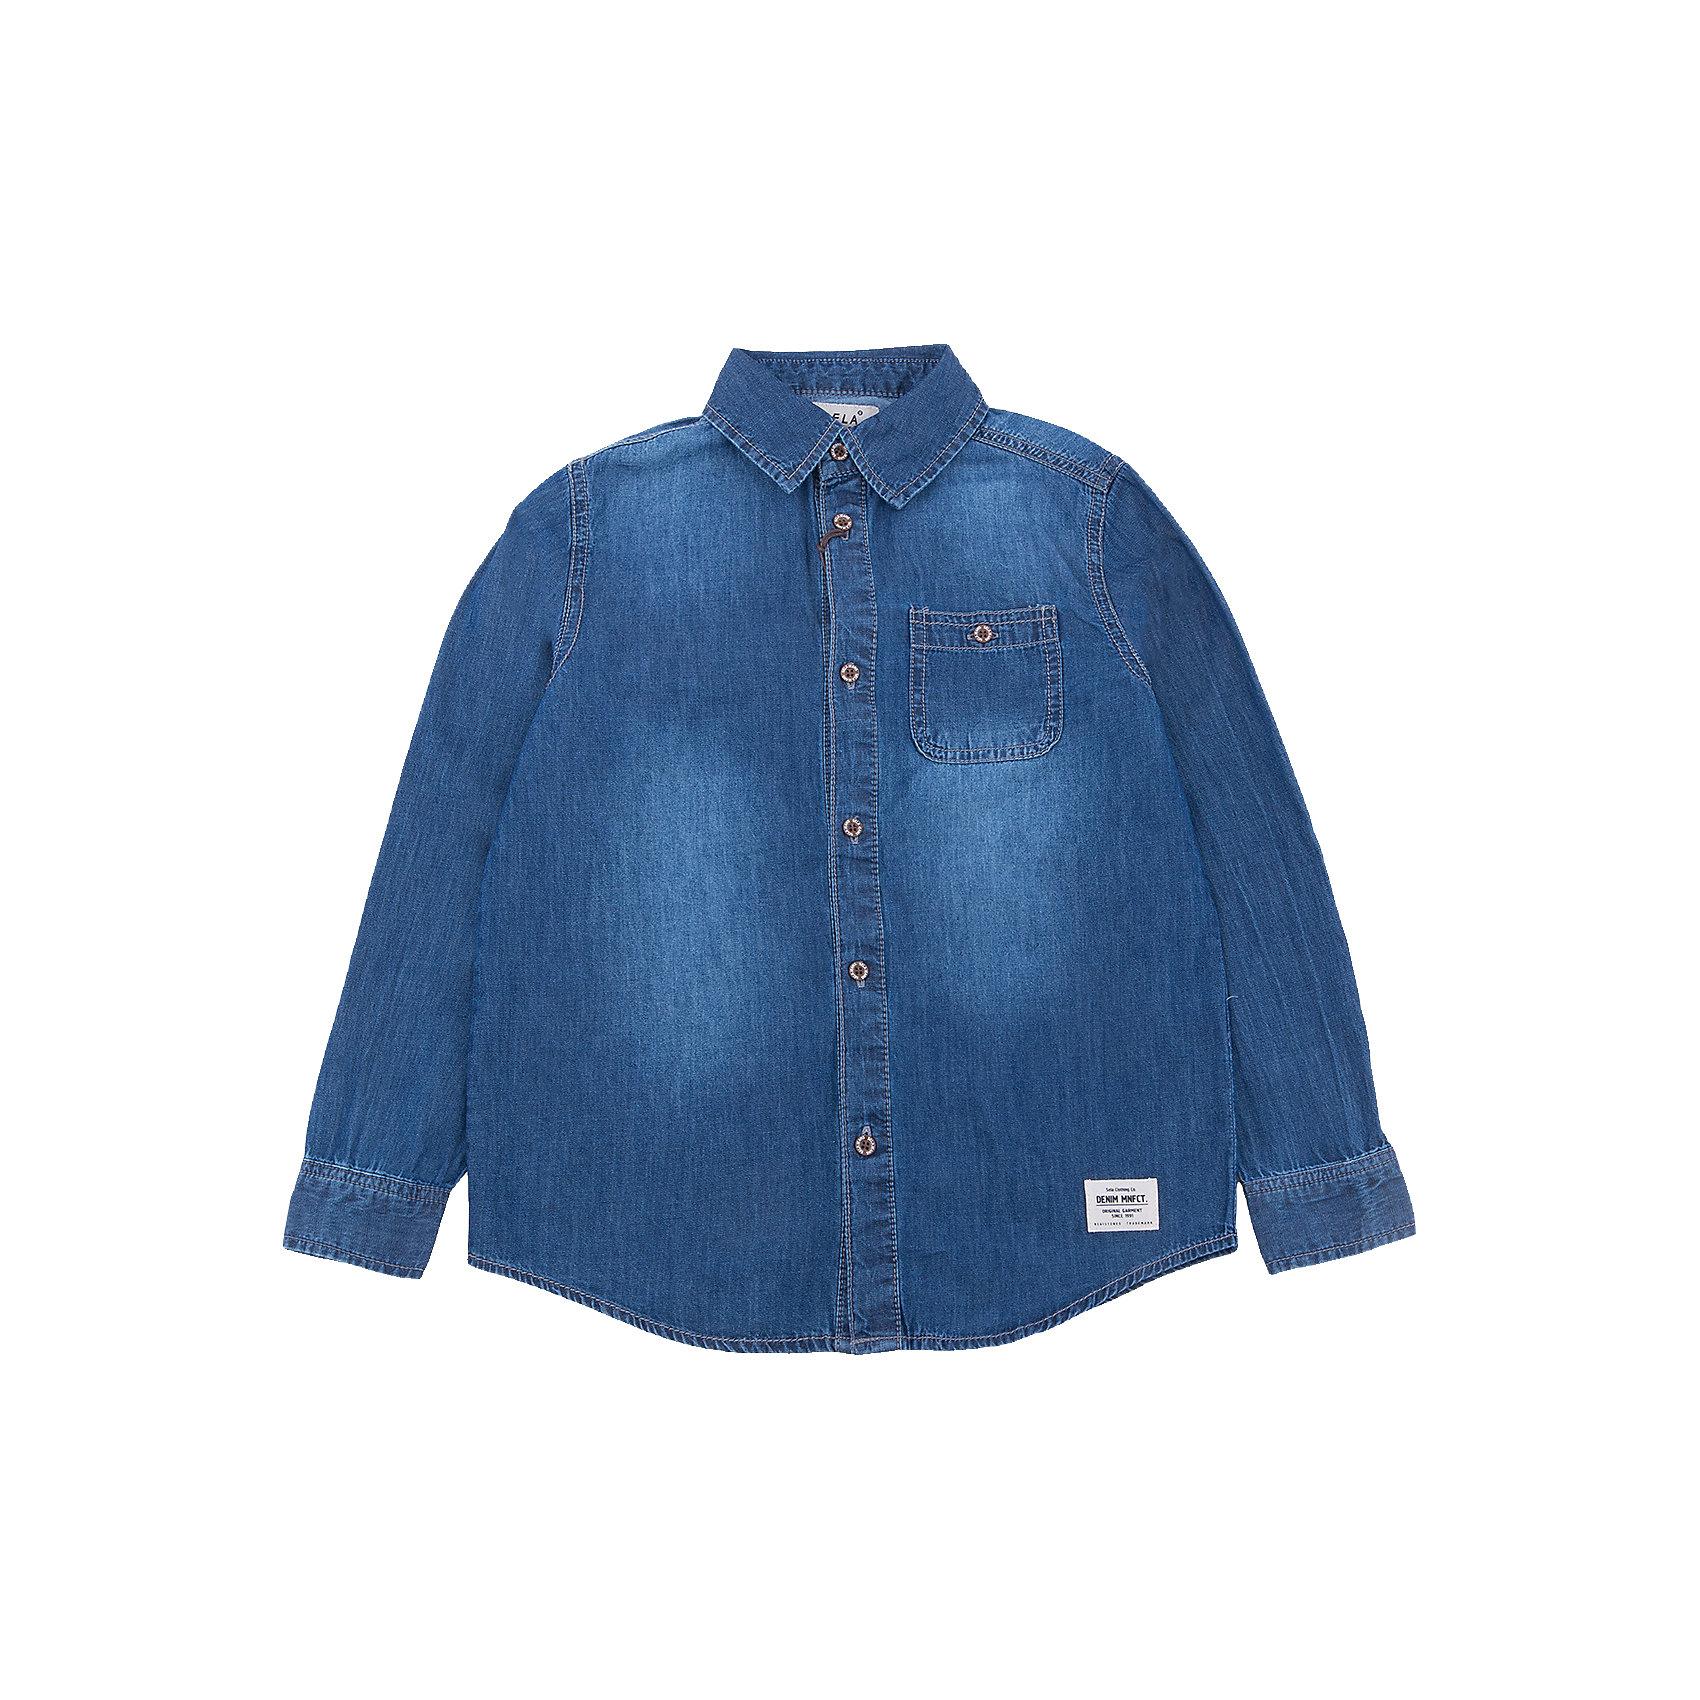 Рубашка для мальчика SELAДжинсовая одежда<br>Рубашка для мальчика от известного бренда SELA<br>Состав:<br>100% хлопок<br><br>Ширина мм: 174<br>Глубина мм: 10<br>Высота мм: 169<br>Вес г: 157<br>Цвет: синий джинс<br>Возраст от месяцев: 96<br>Возраст до месяцев: 108<br>Пол: Мужской<br>Возраст: Детский<br>Размер: 134,140,146,152,116,122,128<br>SKU: 5305530